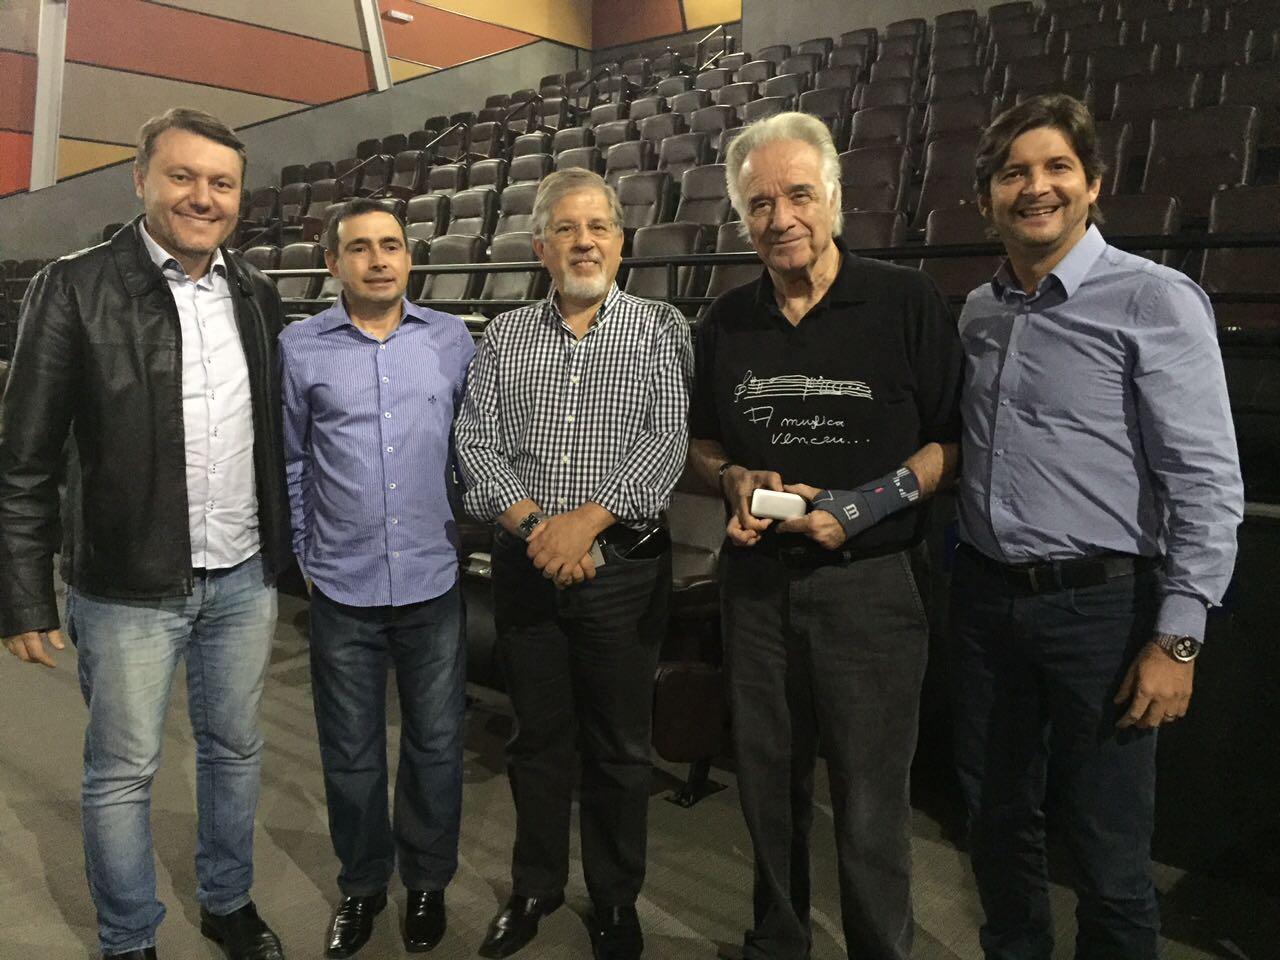 A visita do maestro teve como objetivo estudar a implantação da primeira Orquestra Baquiana de Guararema, uma iniciativa sugerida pelo deputado André do Prado há algum tempo